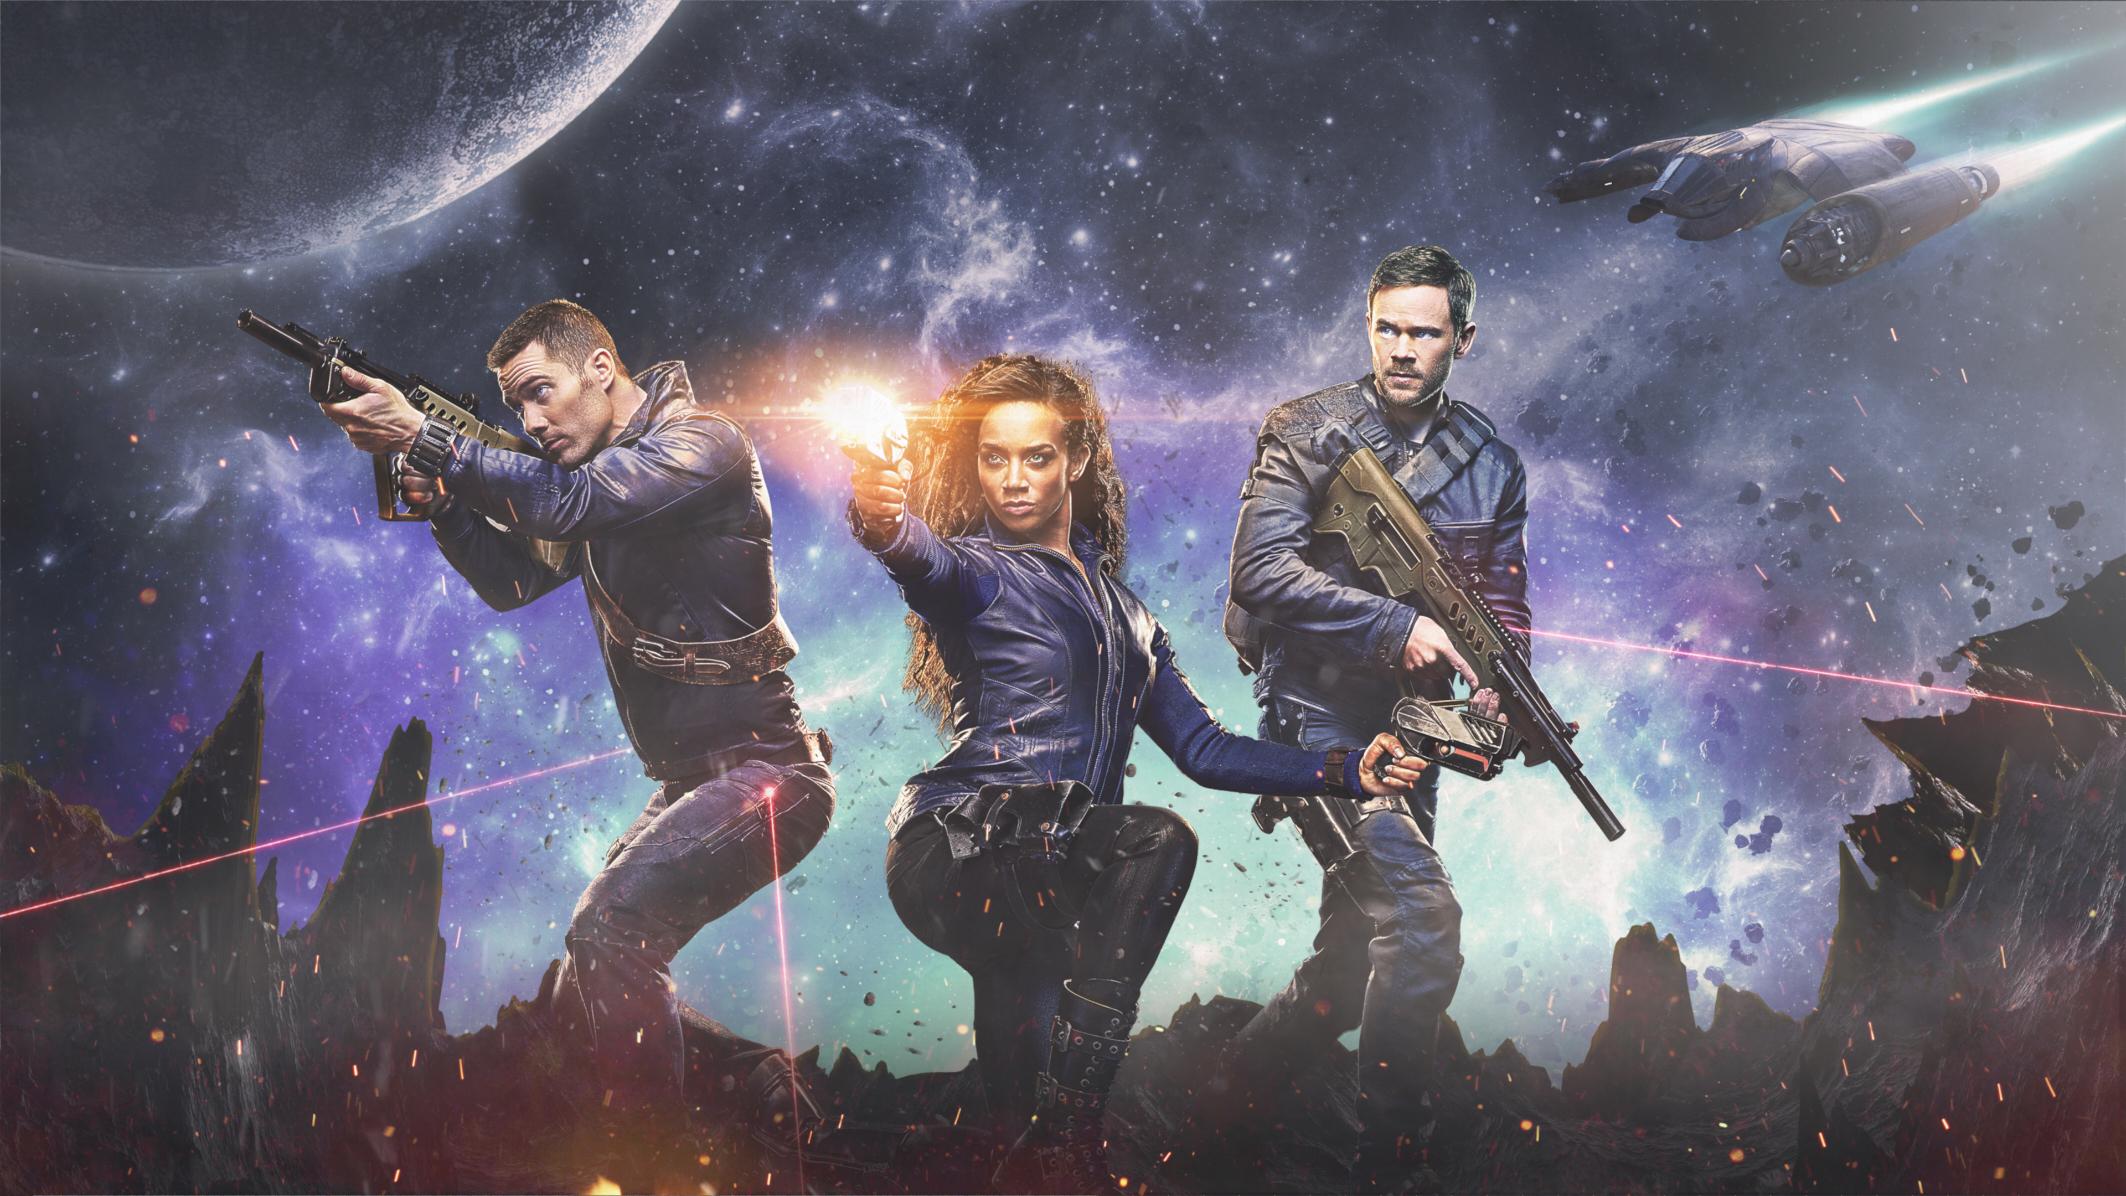 Killjoys Staffel 3 Demnächst Auch Bei Netflix Trailer